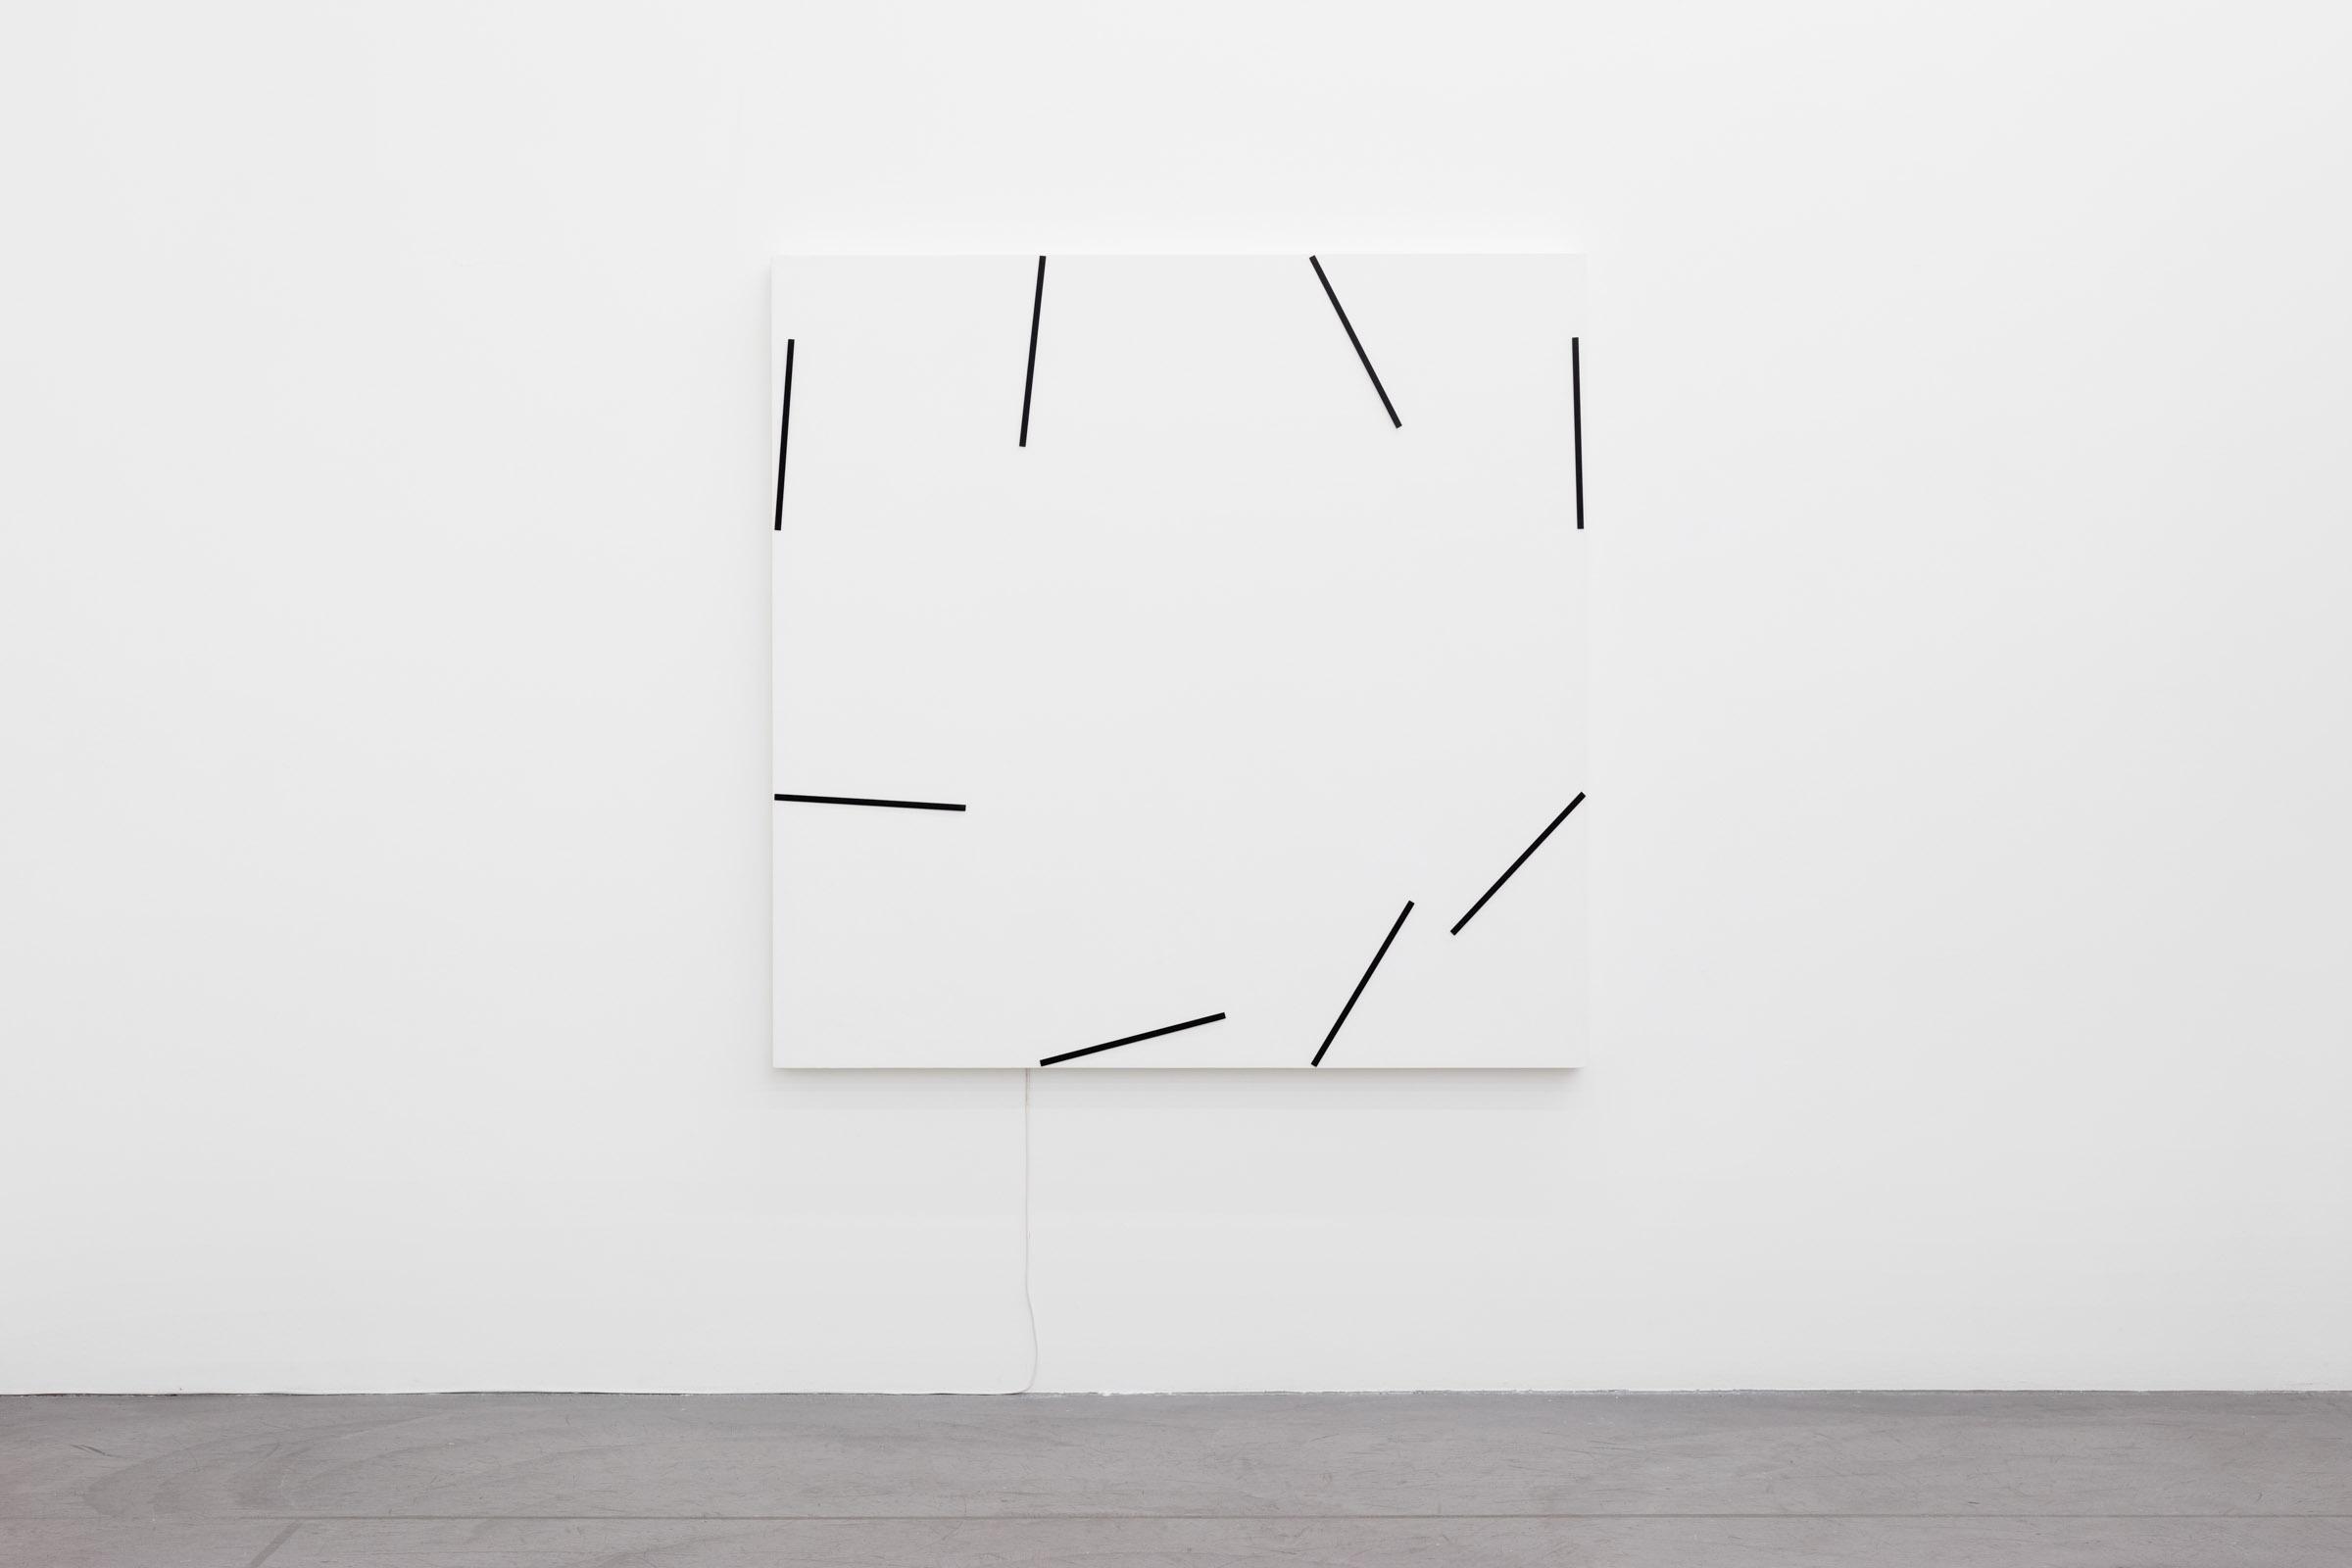 Artwork by Gerhard von Graevenitz